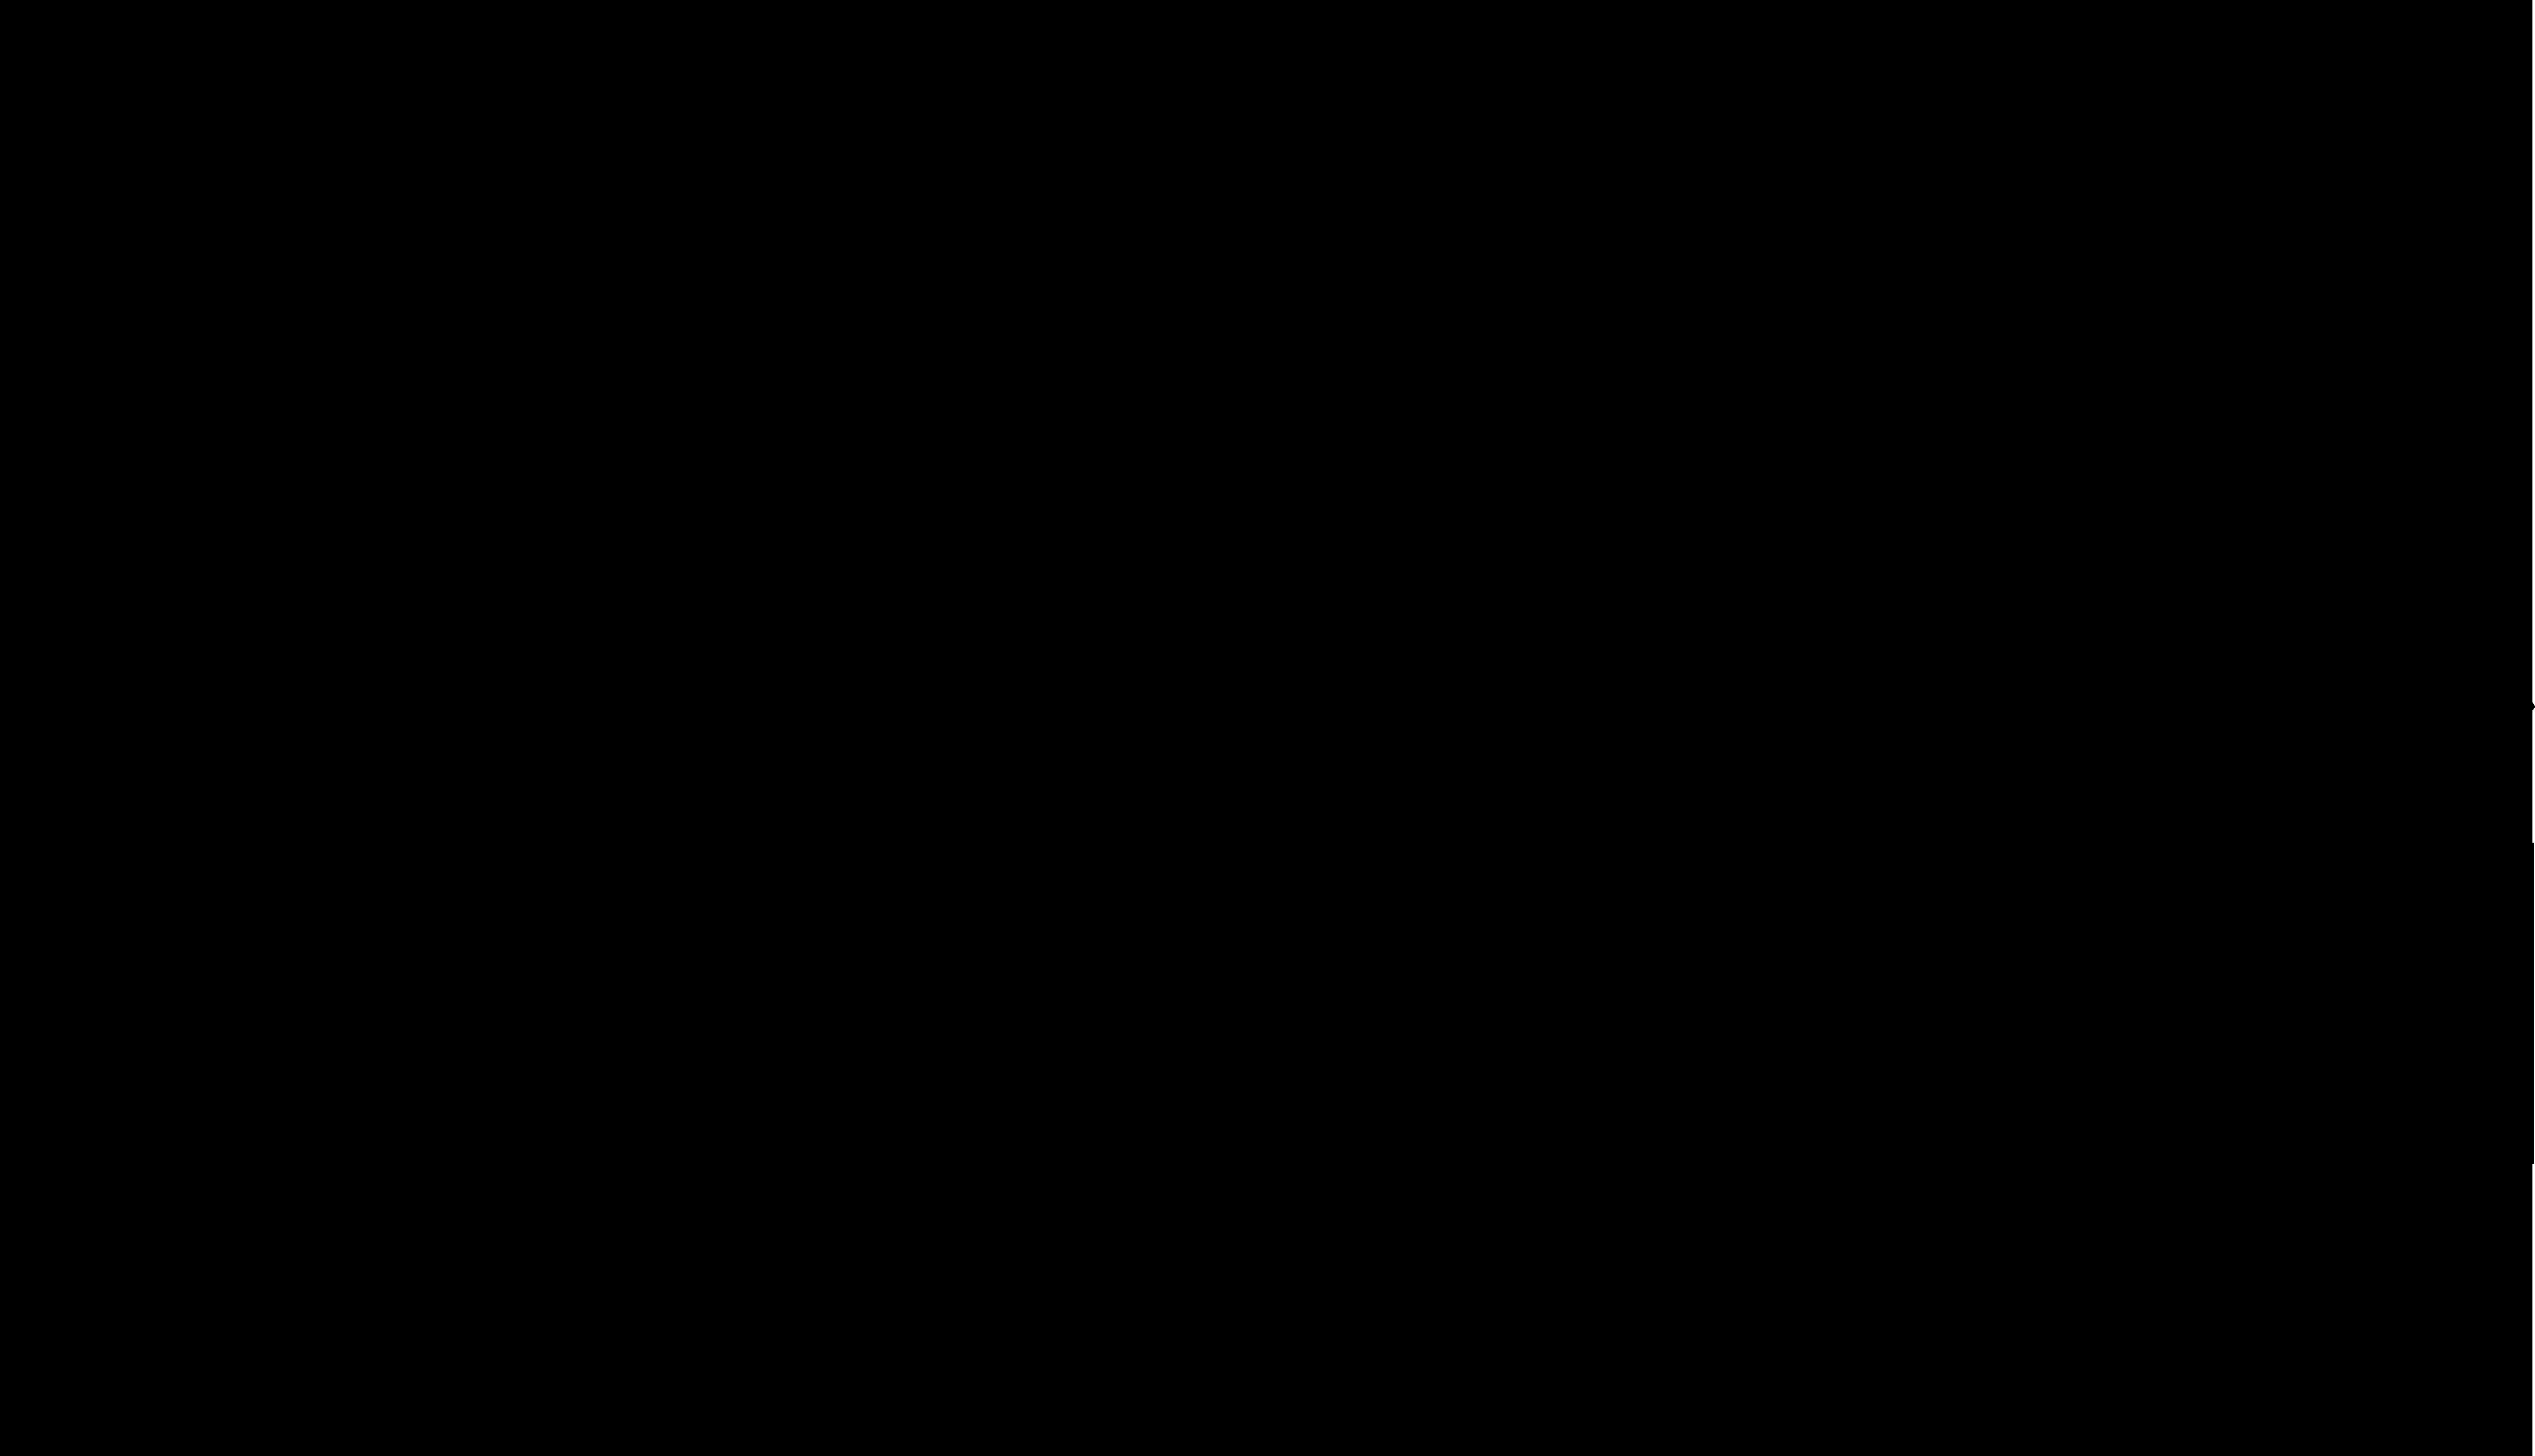 Logo_Swiat_Suma kopia